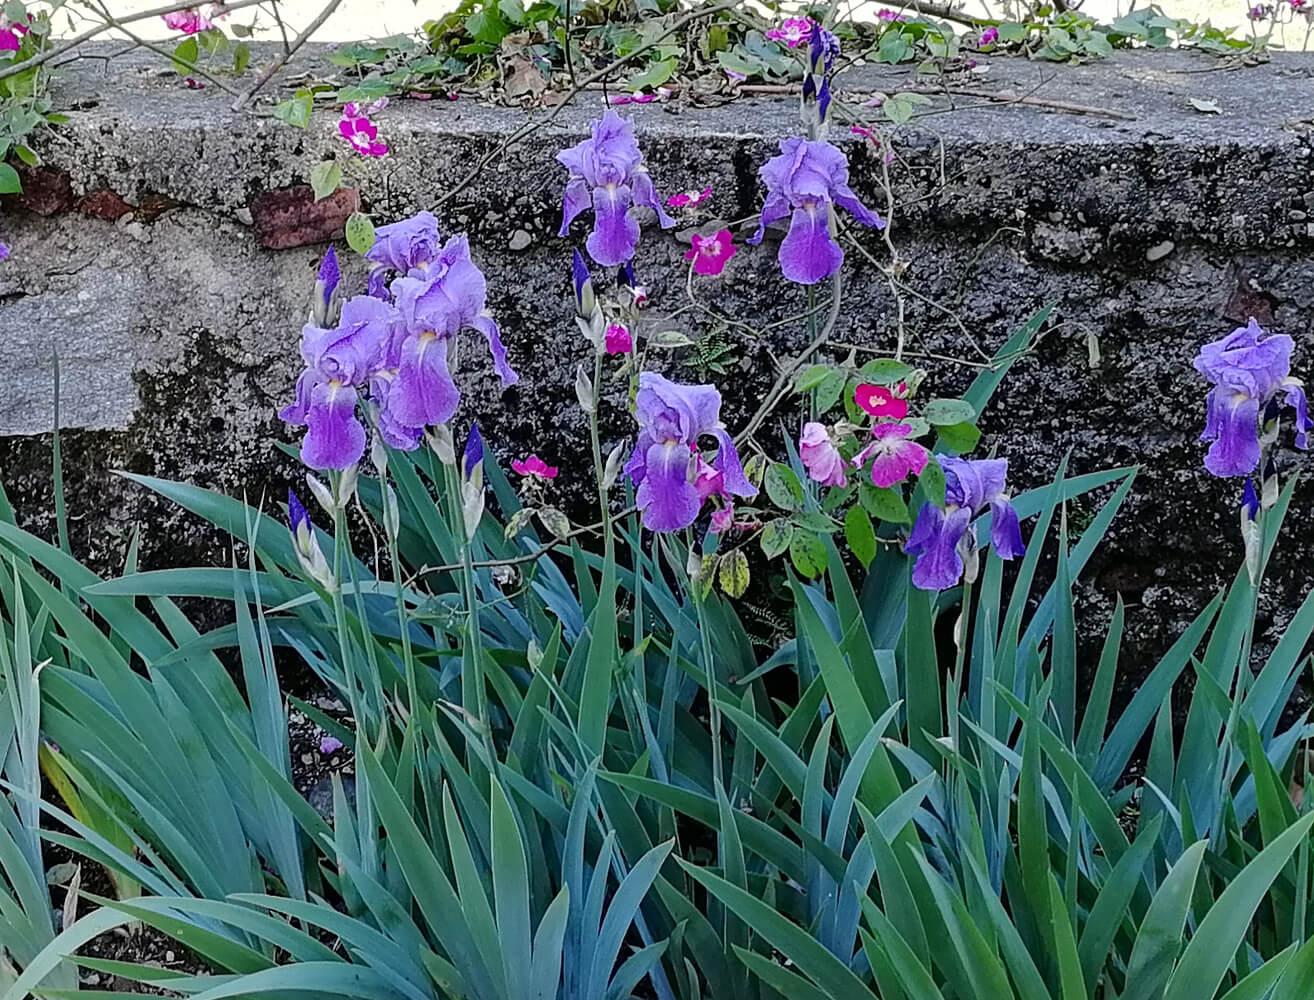 Dandelion Como - Il Parco Inglese 6